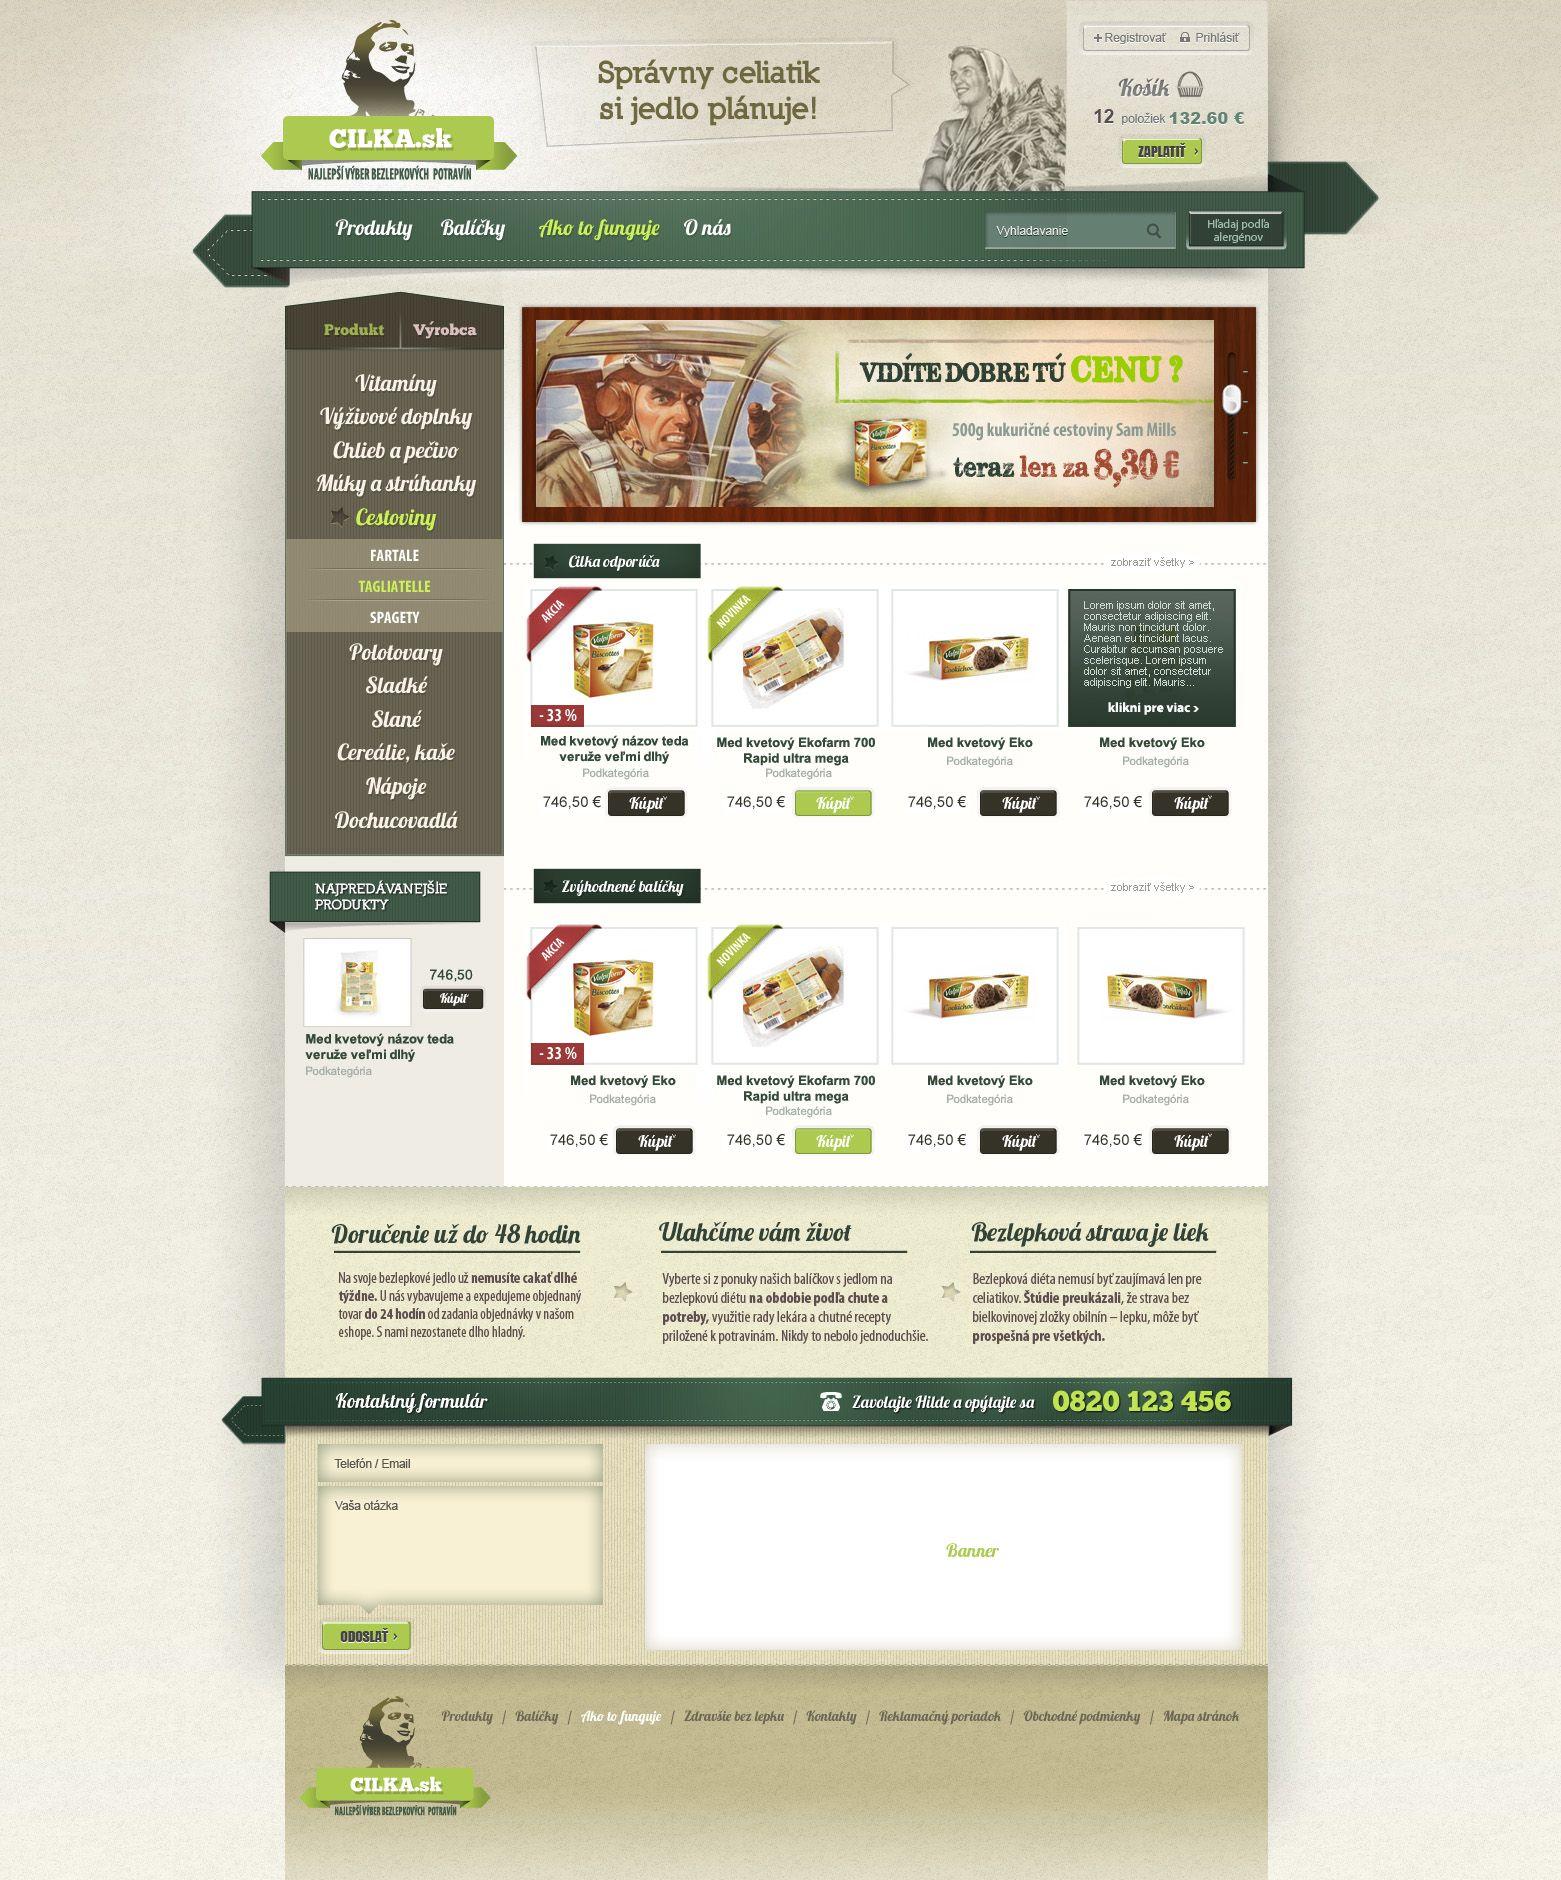 Retro Design Vitange Big Retro Design Design Retro